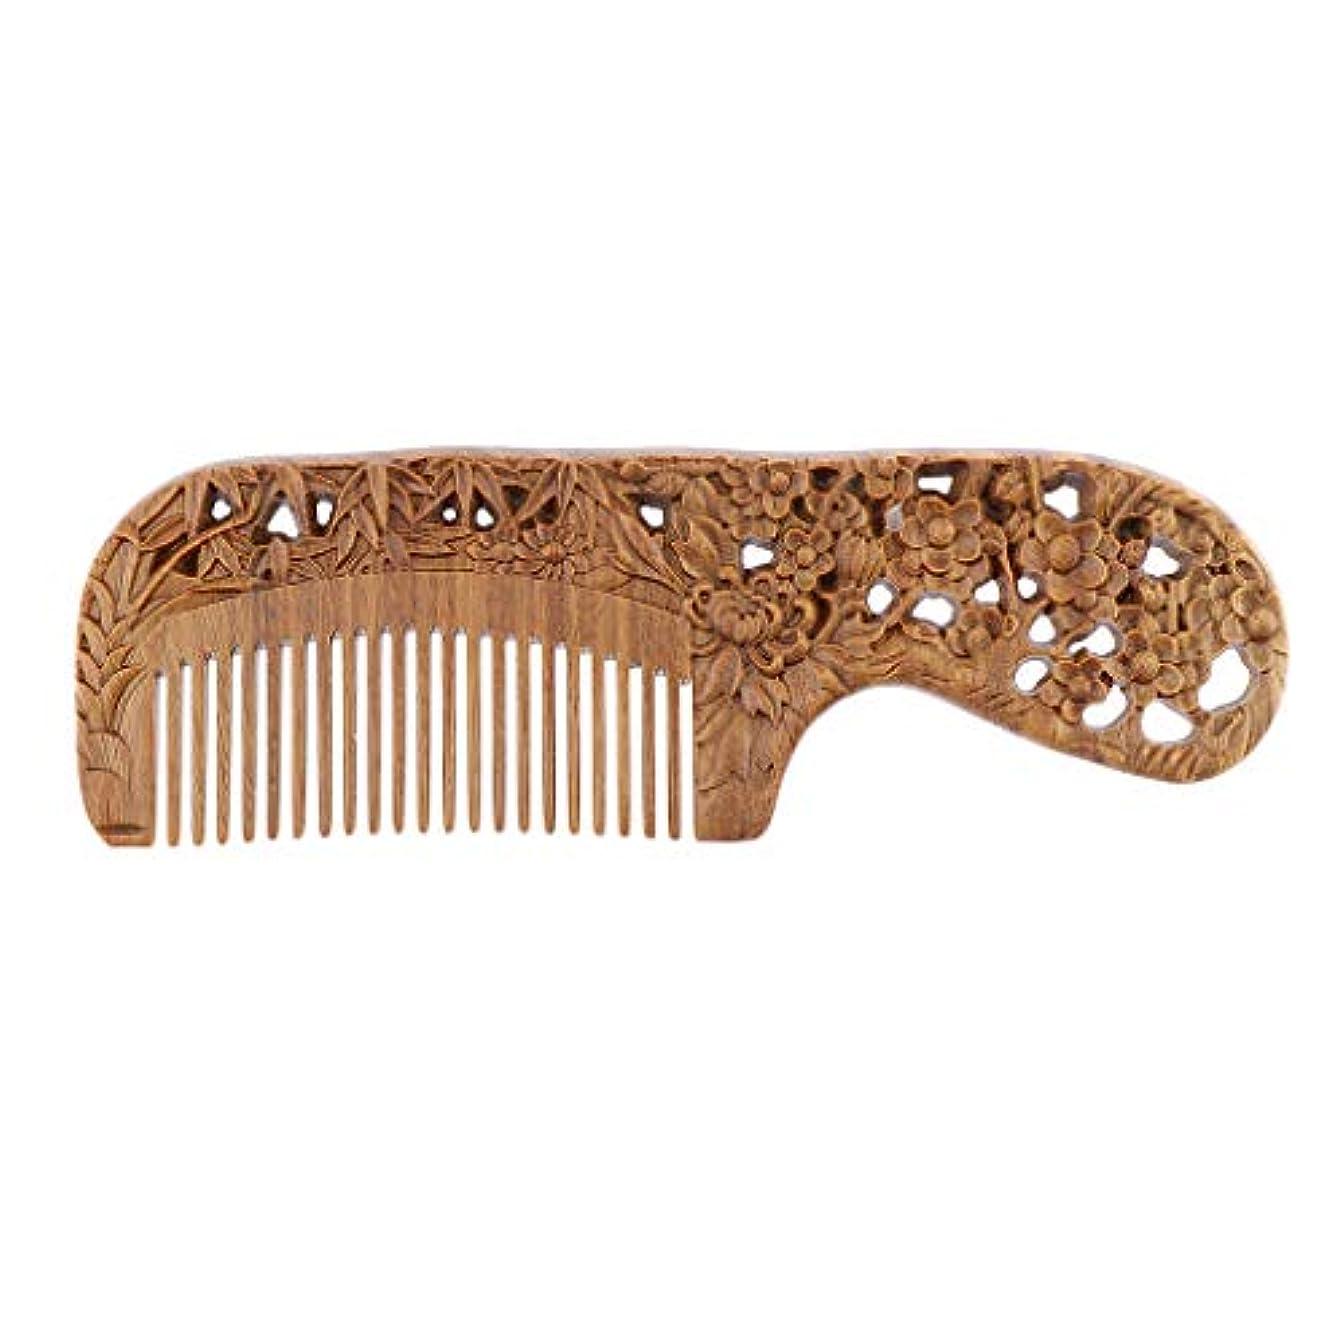 対応売上高配置手作り 木製櫛 ヘアブラシ ヘアコーム 頭皮マッサージ レトロ 4タイプ選べ - 17.8 x 5.6 x 11.5 cm